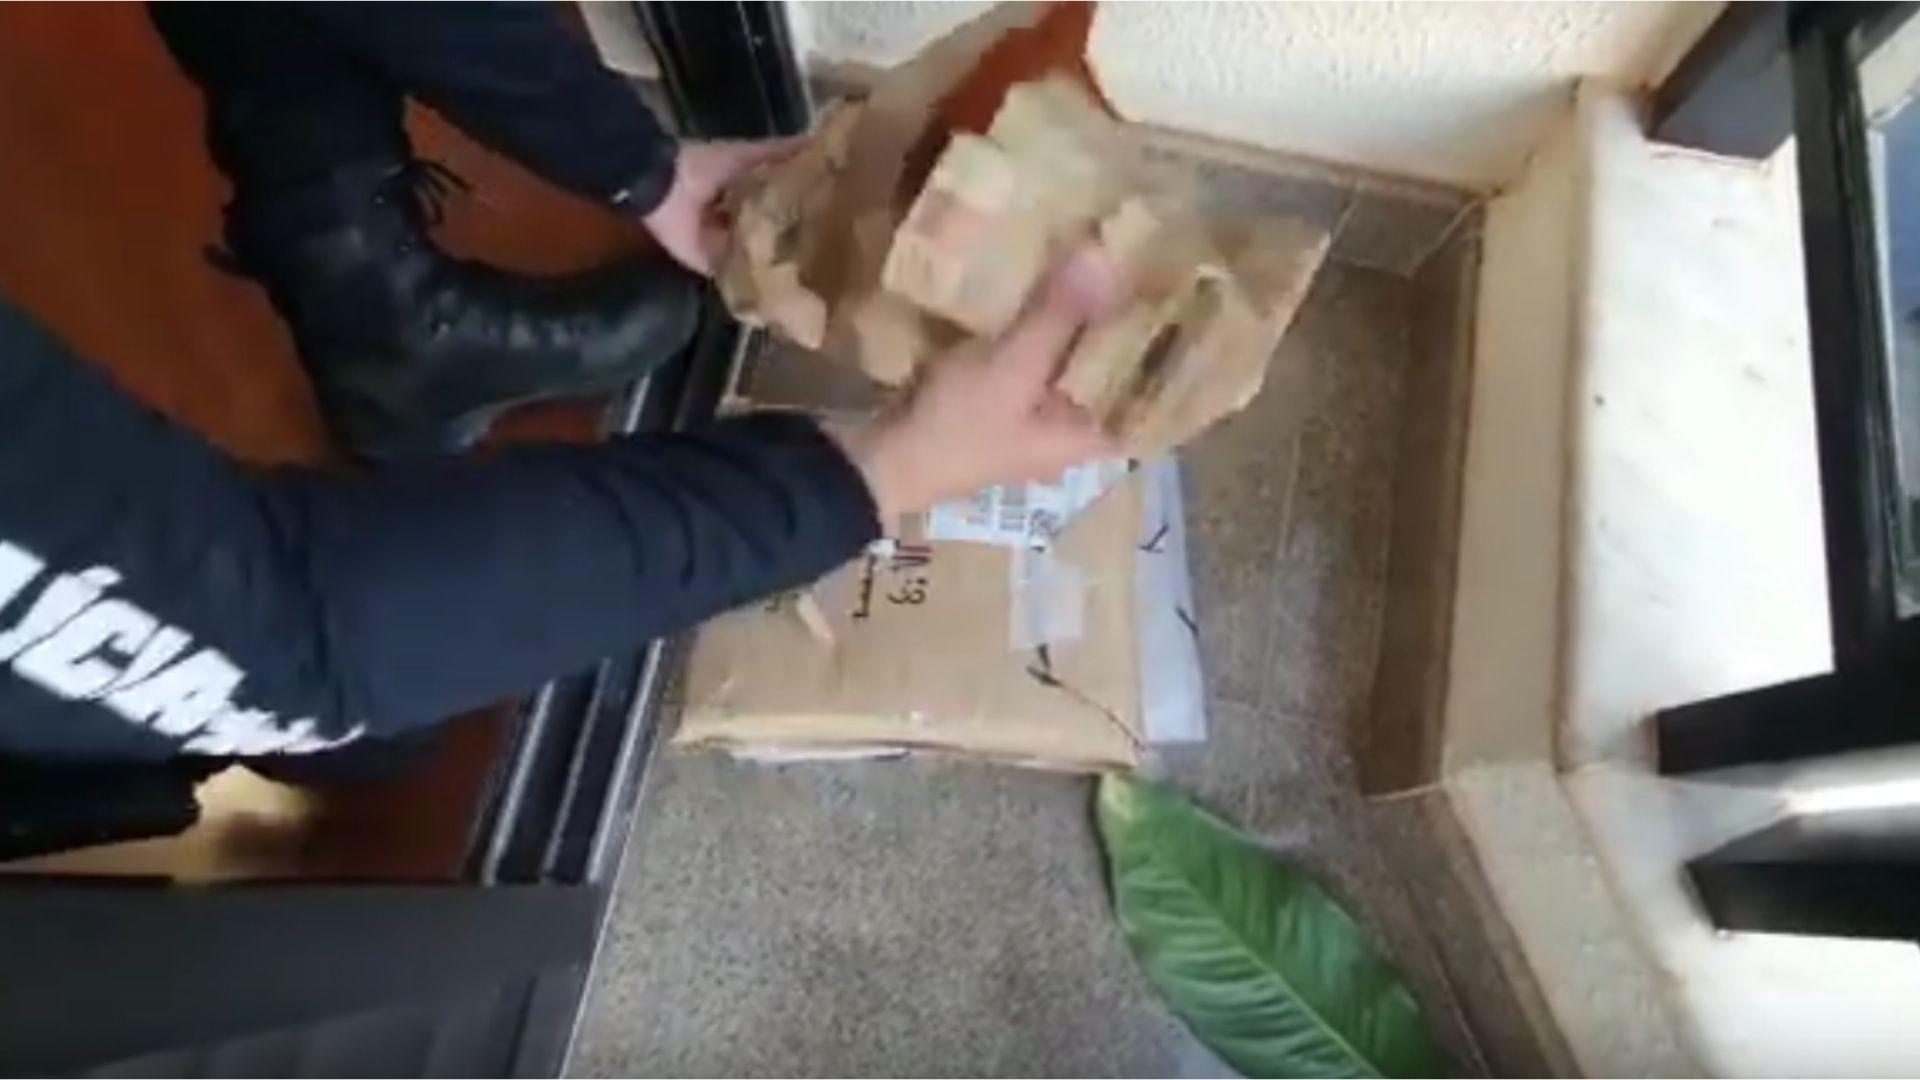 Deccor apreende R$ 135 mil escondido em uma planta. Veja vídeo